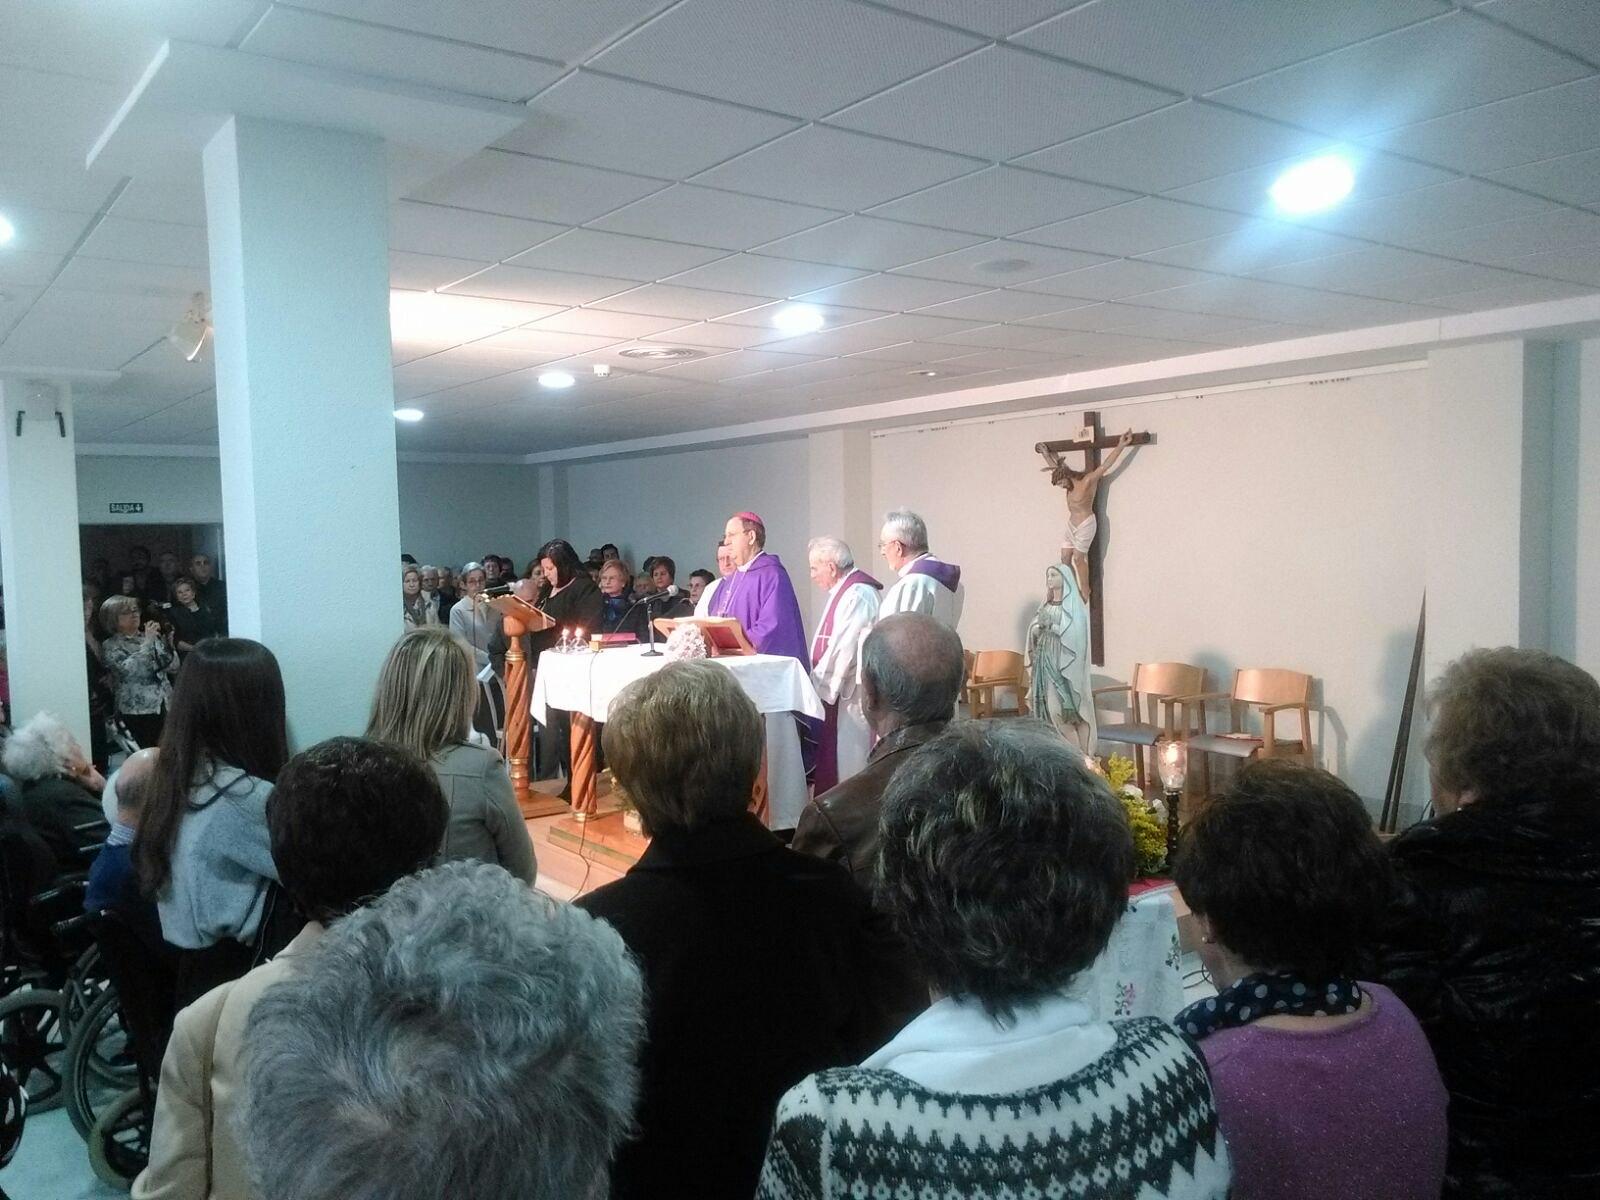 (2016-02-13) - Inauguración Virgen de Lourdes, La Molineta - Pascual Serrano (09)